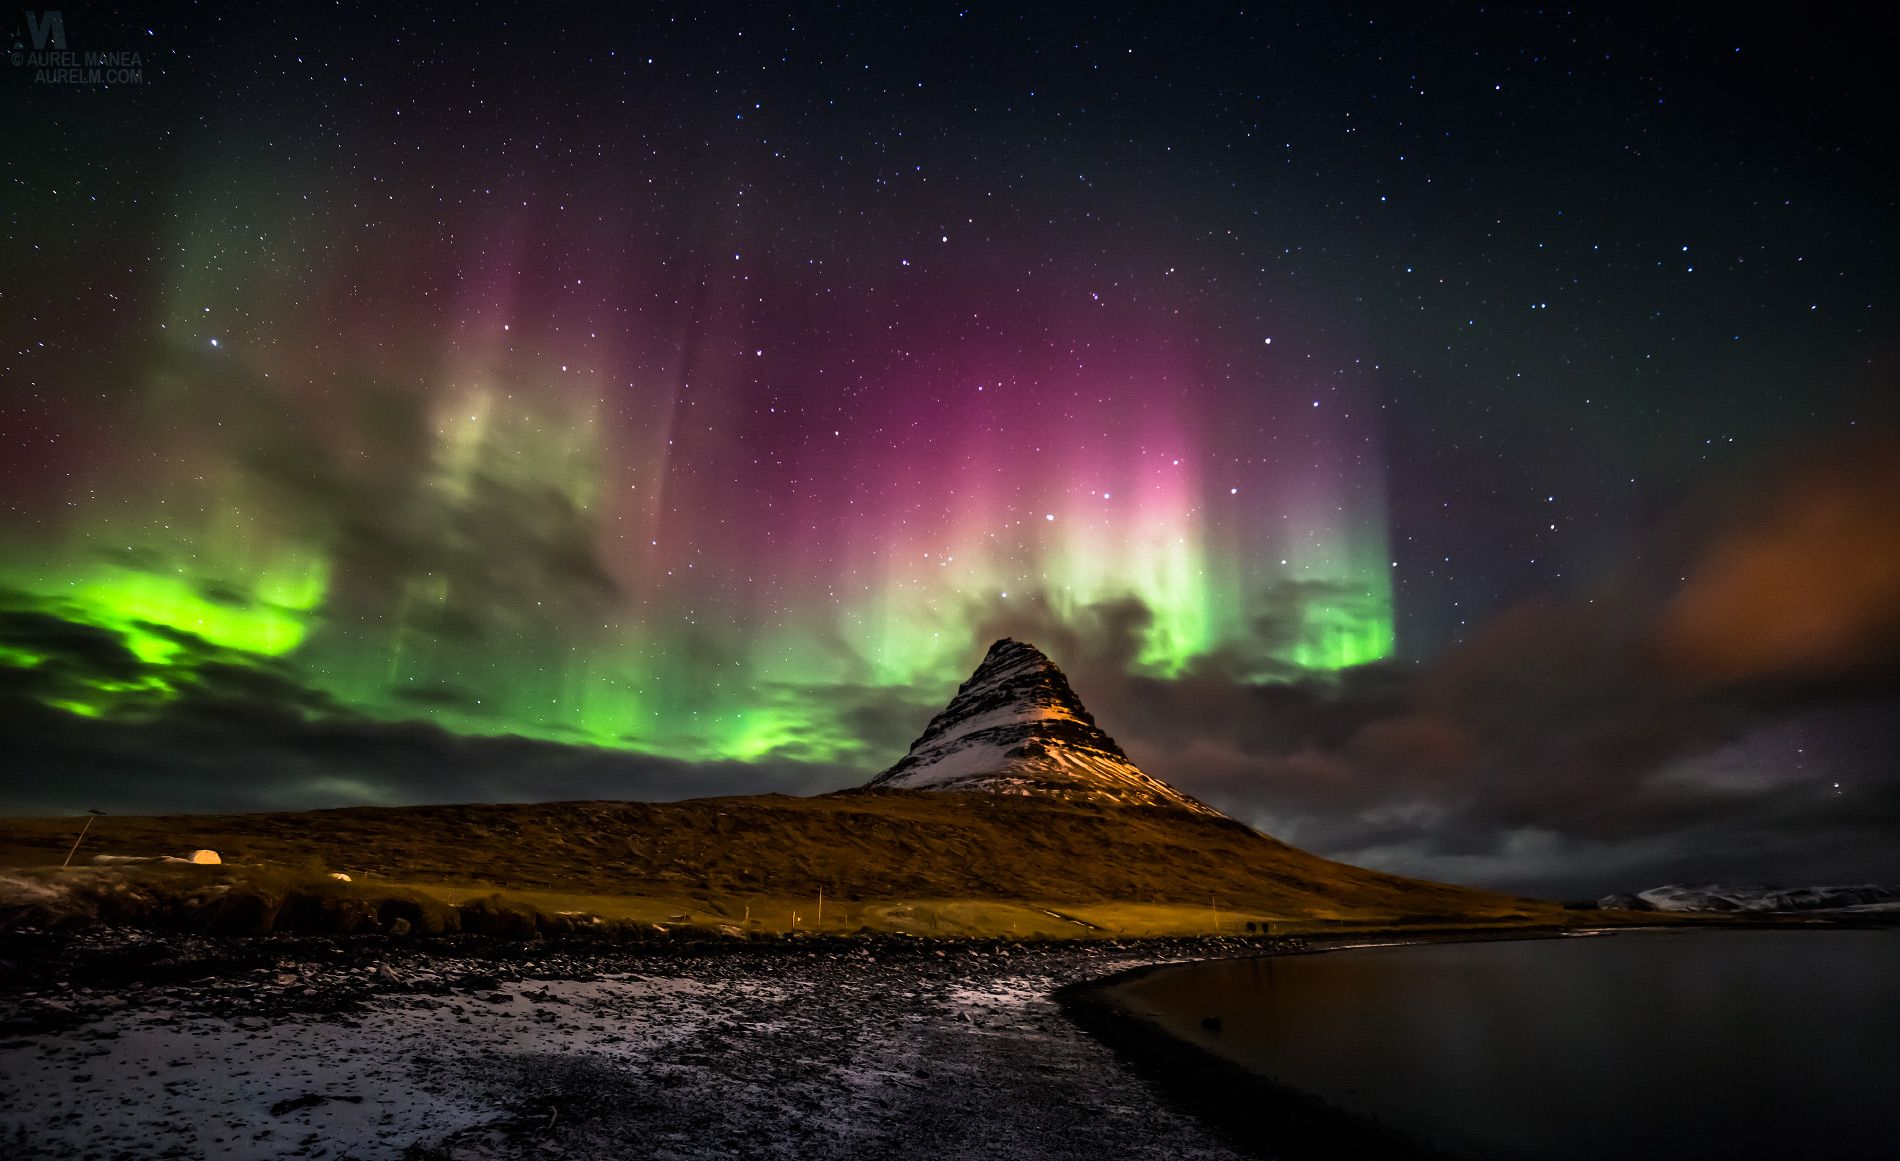 Icelands Alien Landscape Northern Lights Wallpaper Northern Lights Northern Lights Iceland